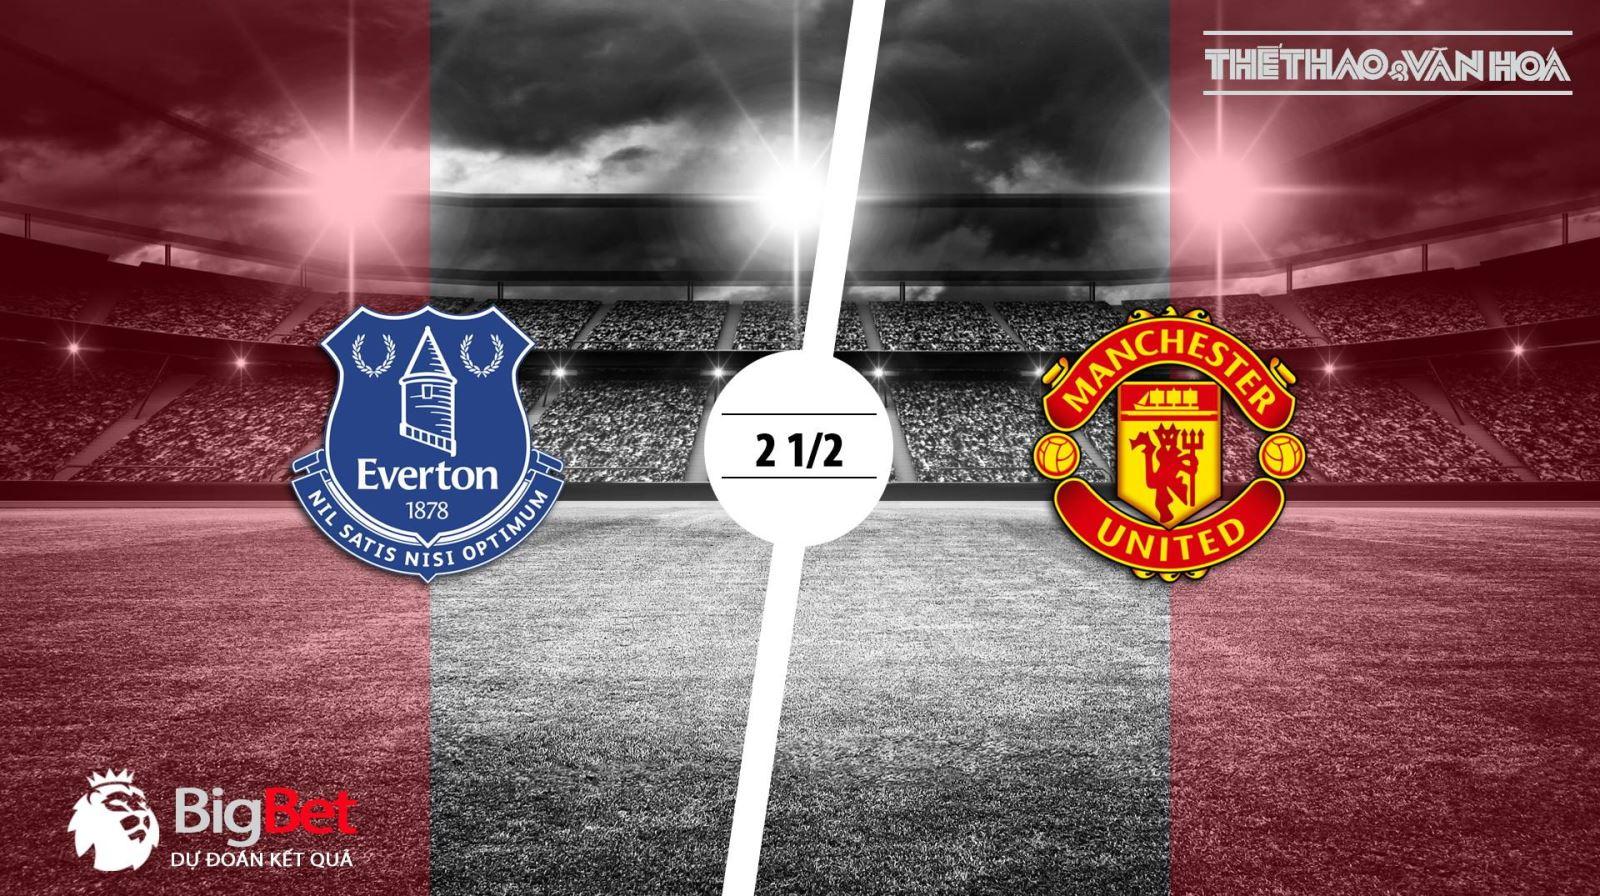 MU, Everton, soi kèo MU vs Everton, kèo Everton vs MU, kèo MU, kèo everton, xem bóng đá trực tuyến, lịch thi đấu bóng đá hôm nay